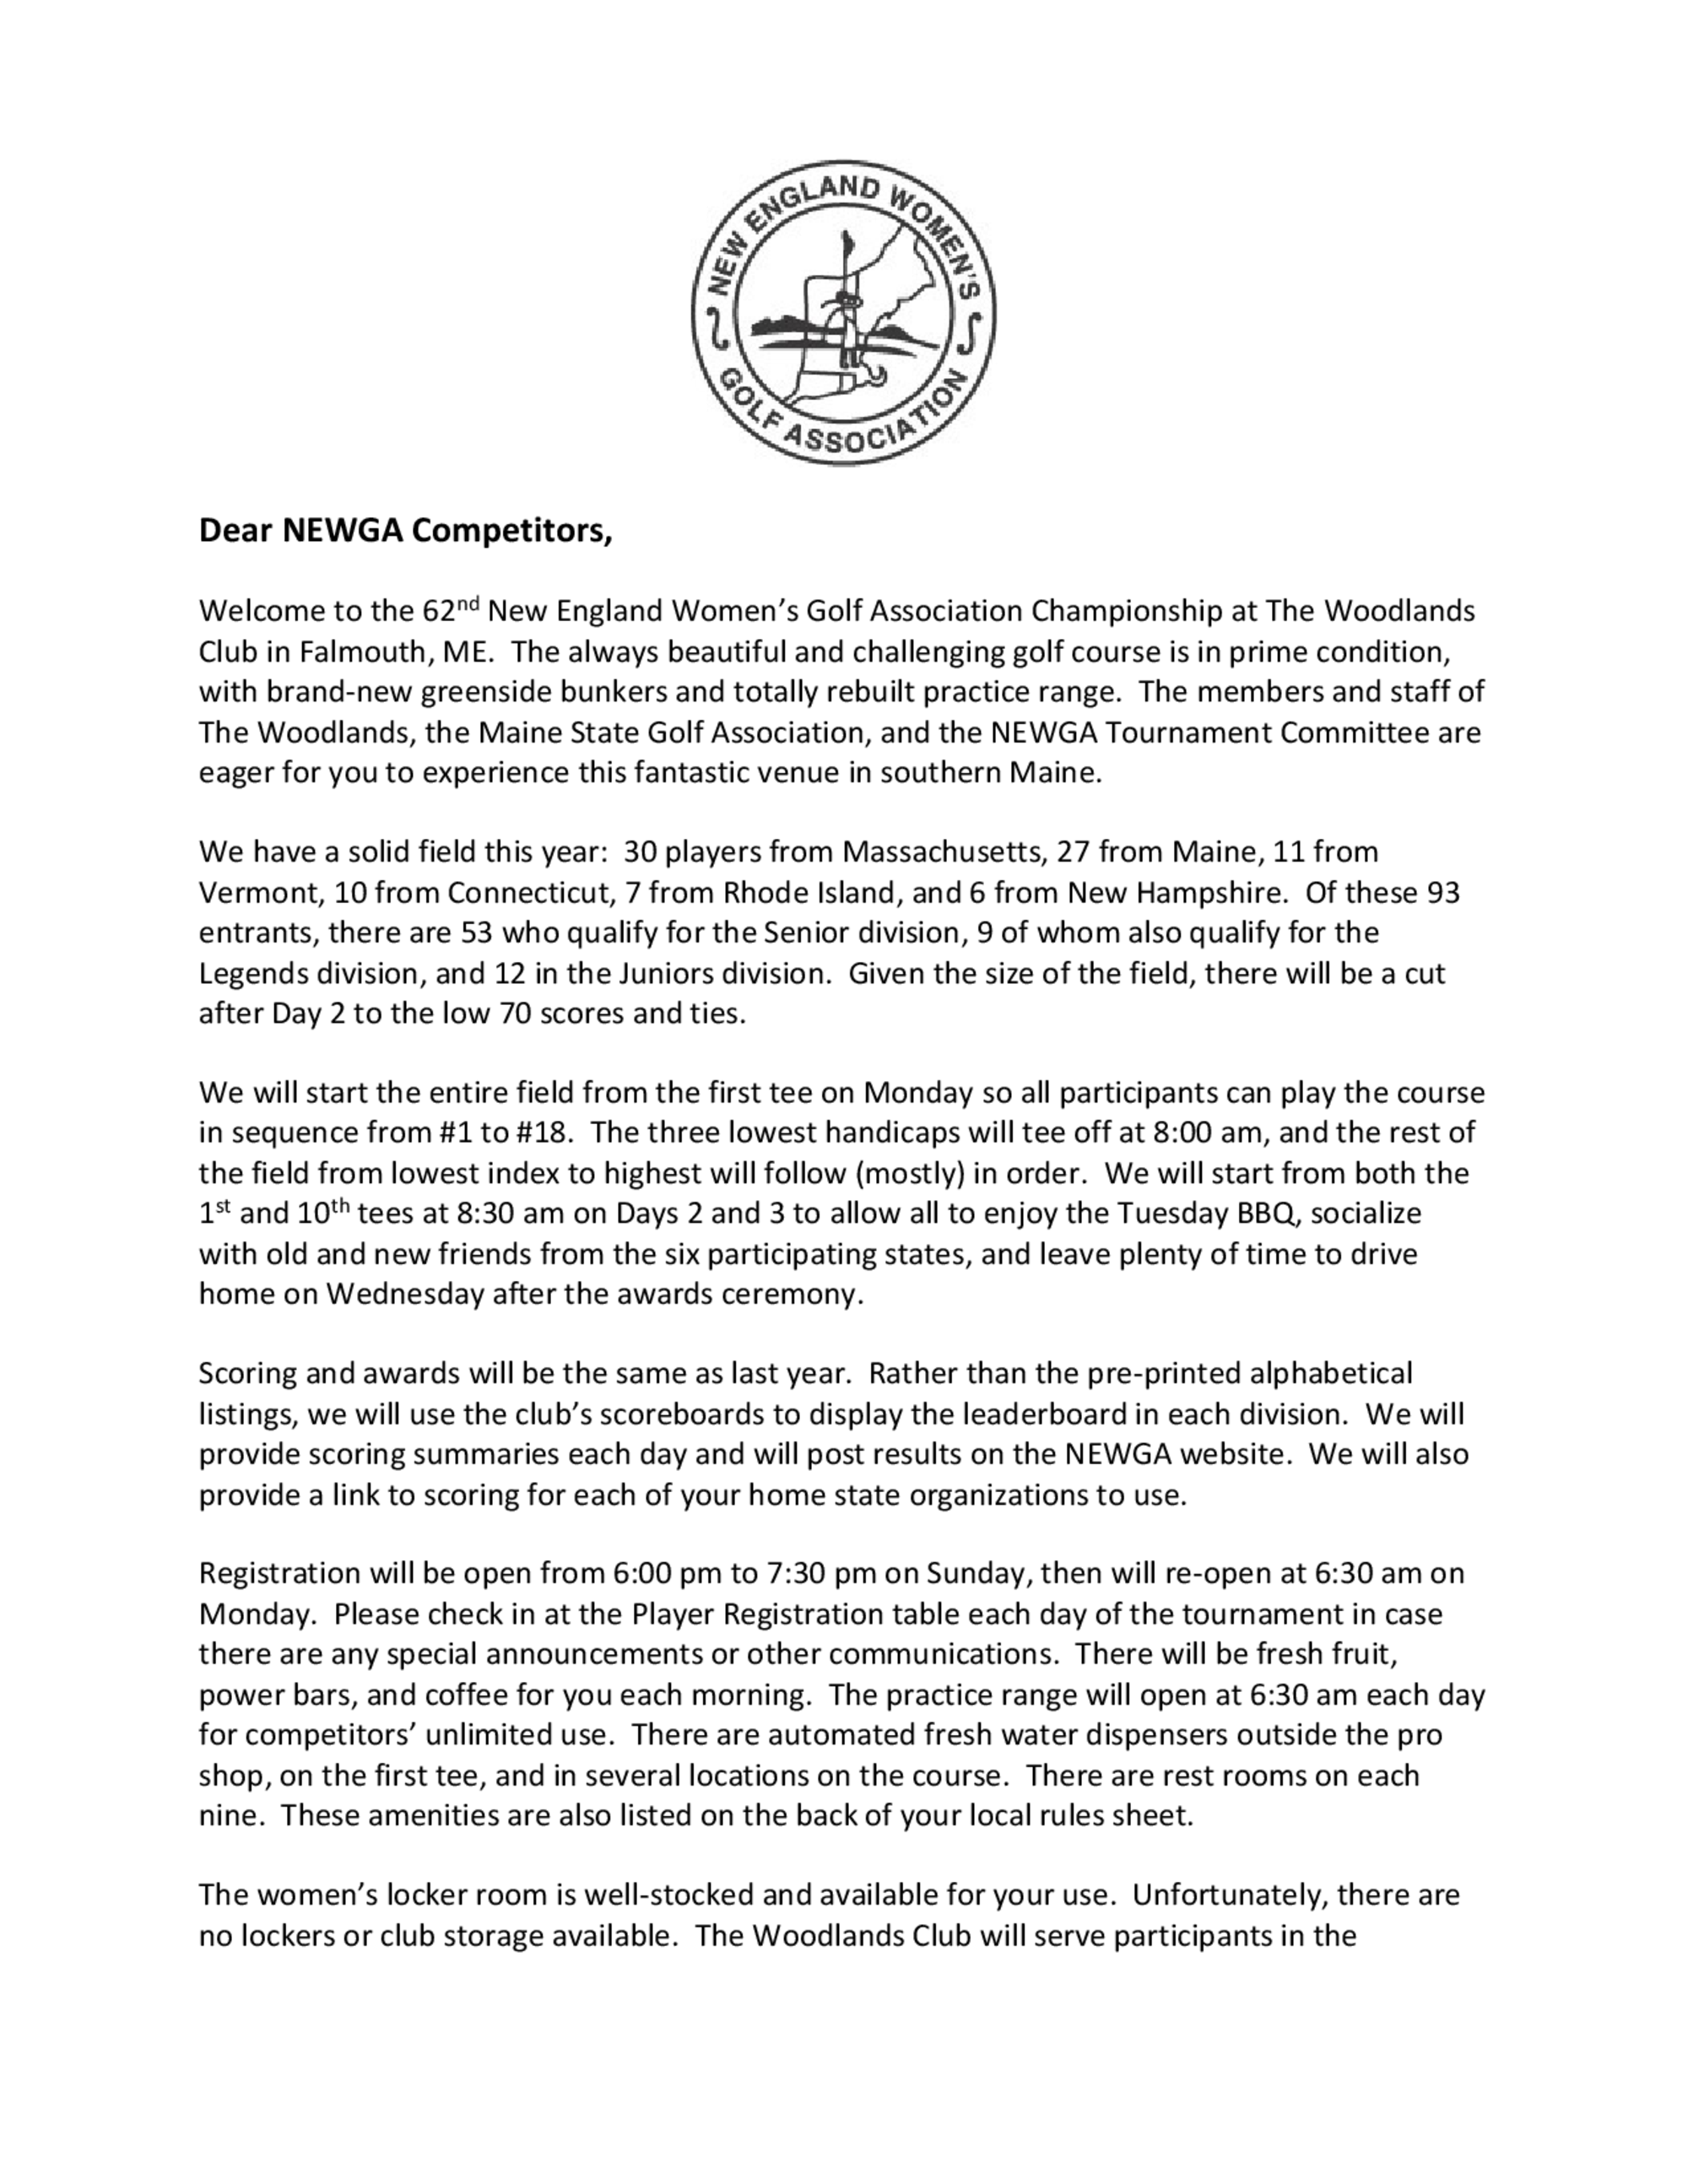 Newga welcome letter 1